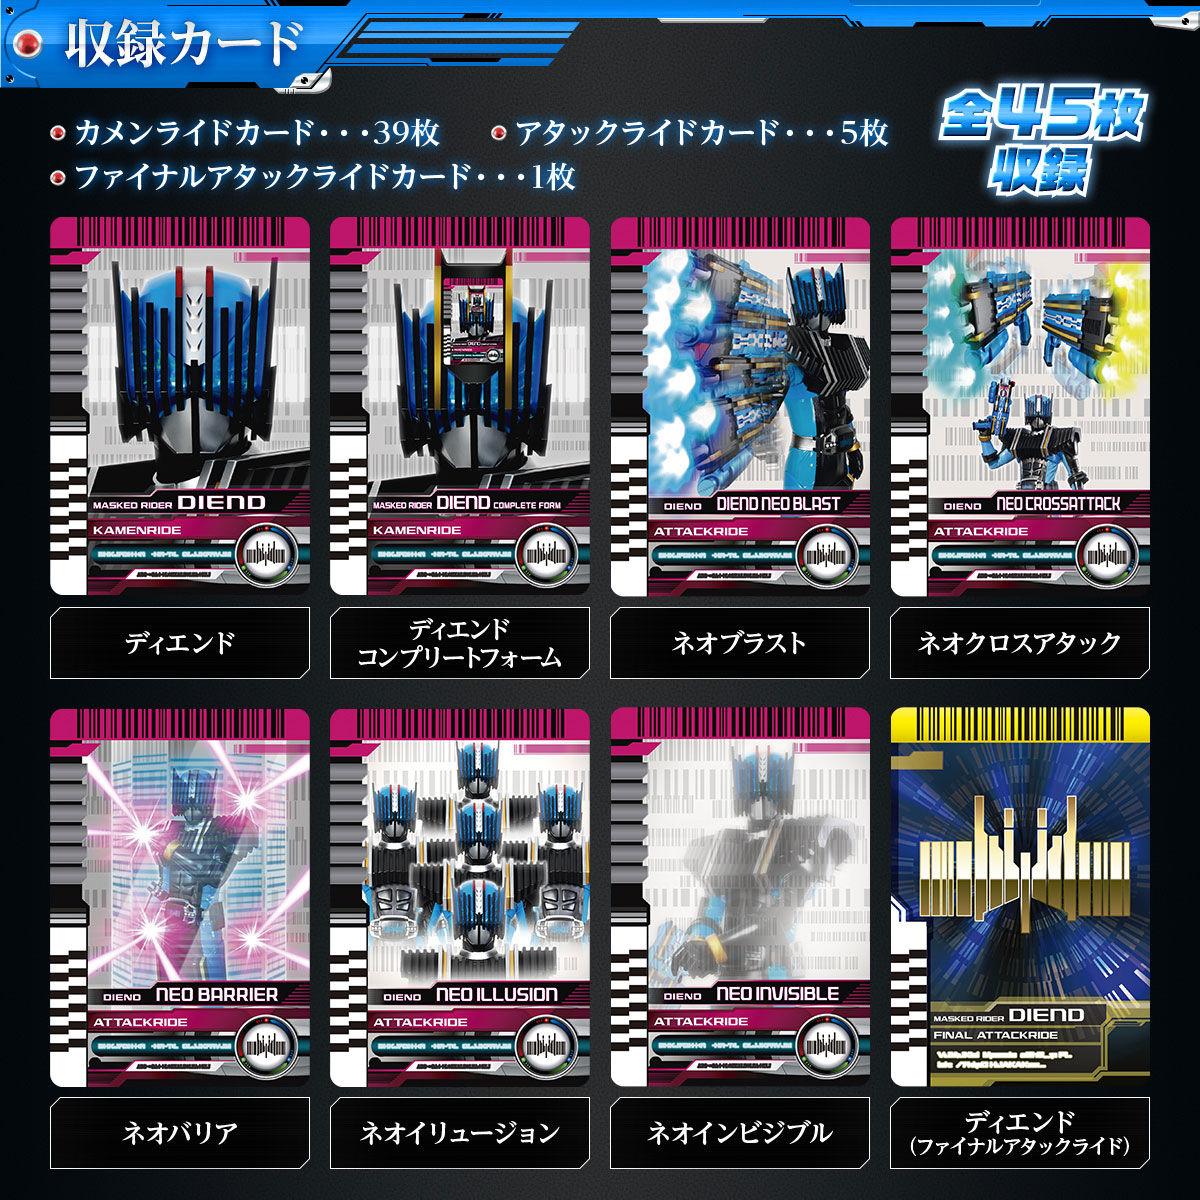 仮面ライダーディケイド『DXネオディエンドライバー』仮面ライダージオウ 変身なりきり-003